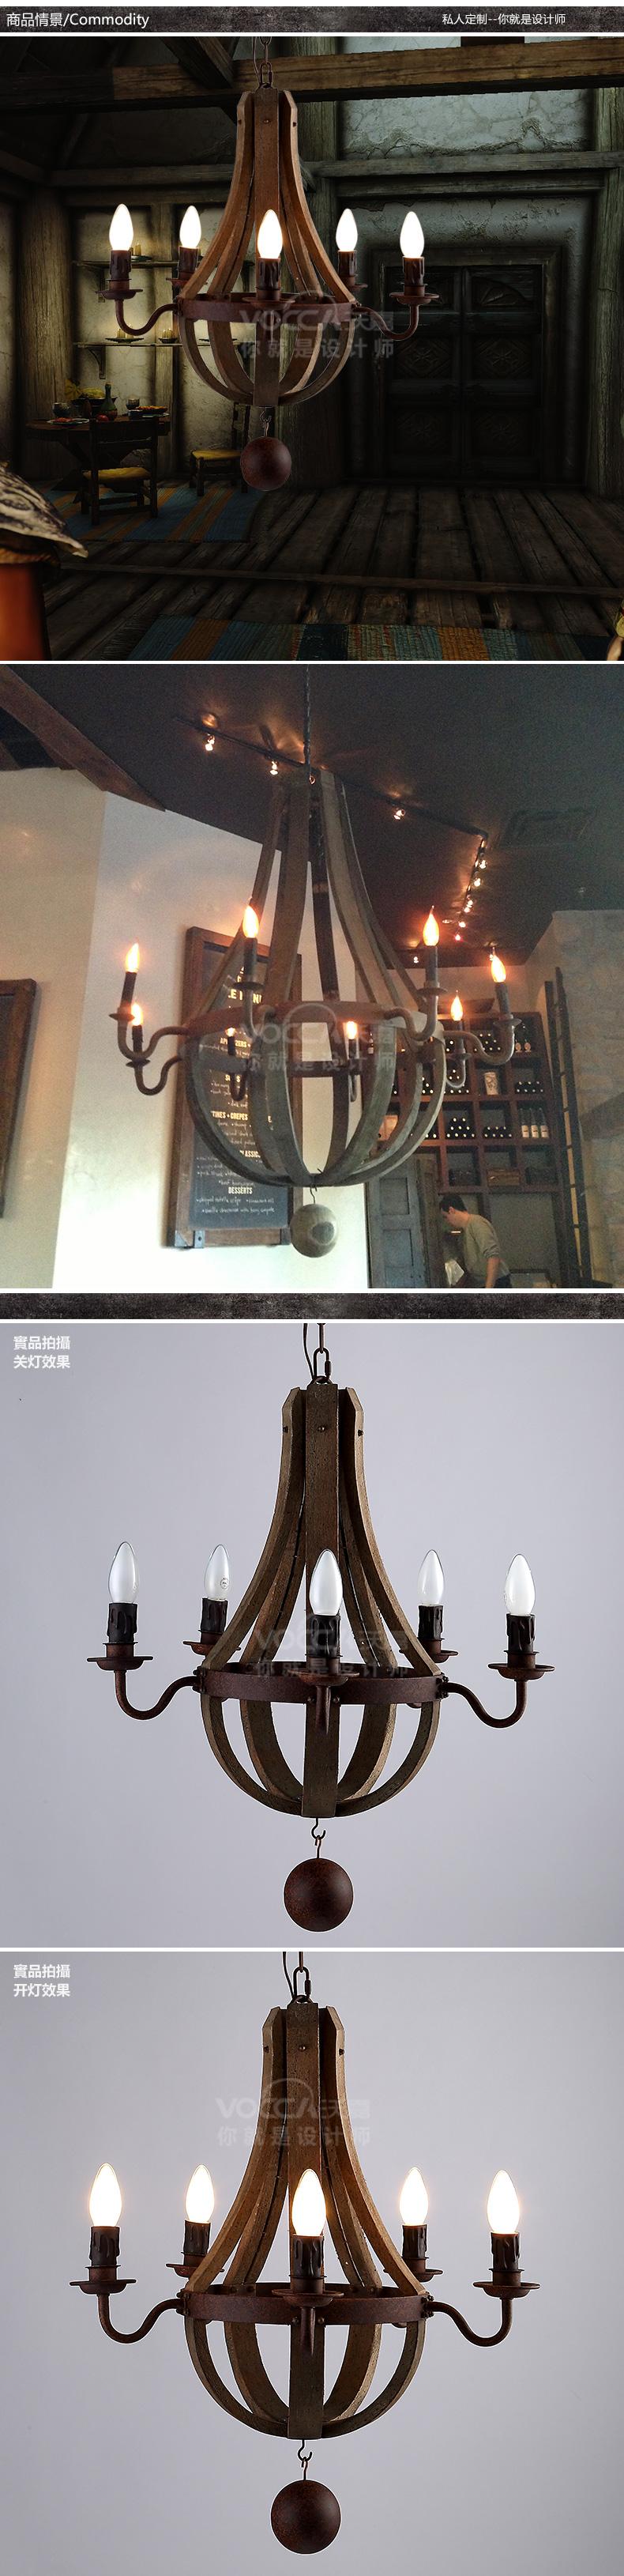 【沃嘉】欧式现代简约美式复古吧台餐厅乡村工业风 橡木桶吊灯 橡木桶图片